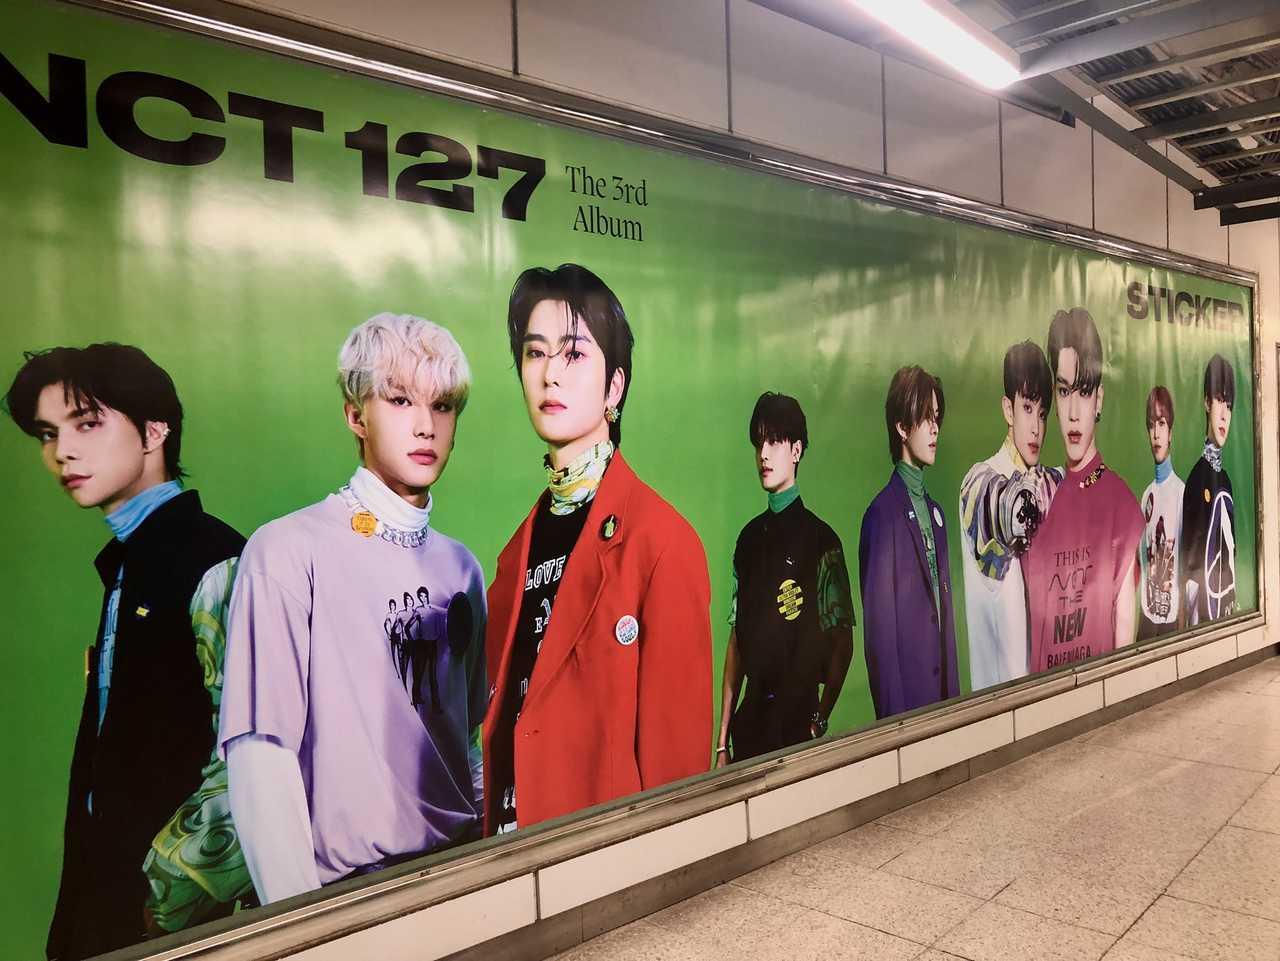 NCT 127が渋谷に上陸!The 3rd Album『Sticker』特大ポスター掲出!